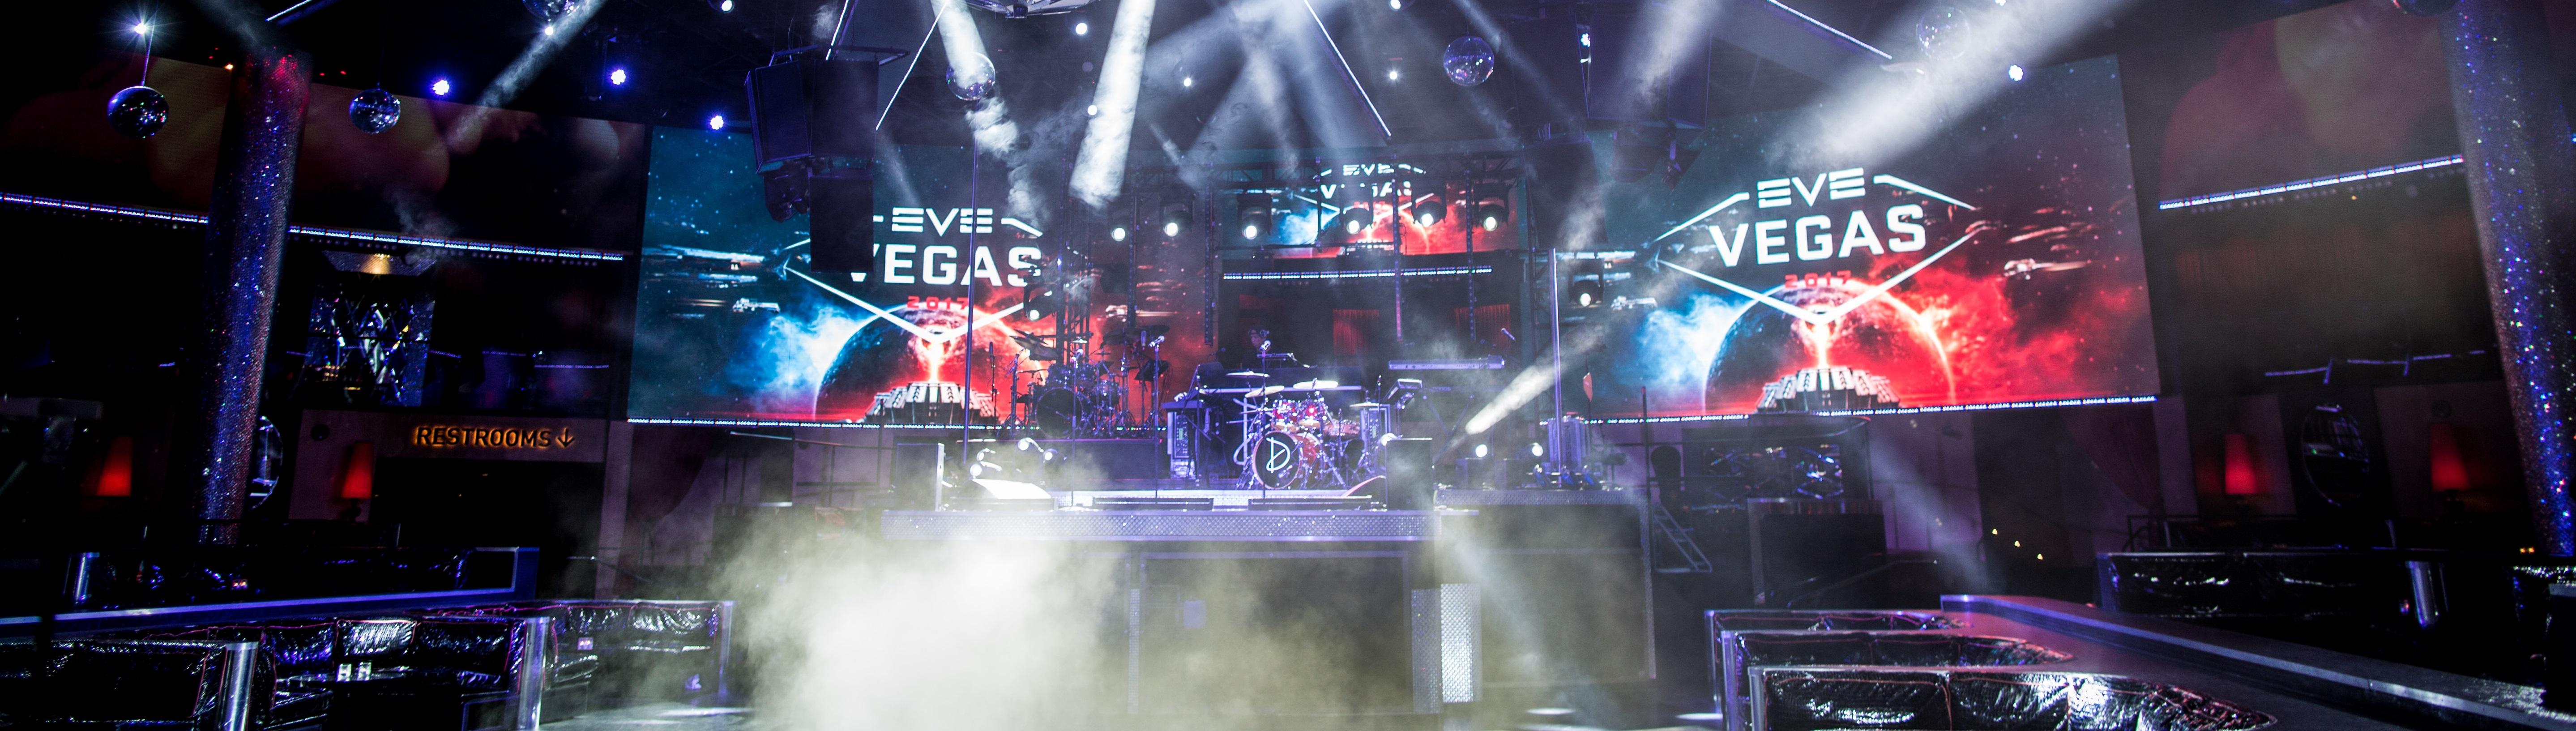 Eve Vegas 2017 DAY 2 -2